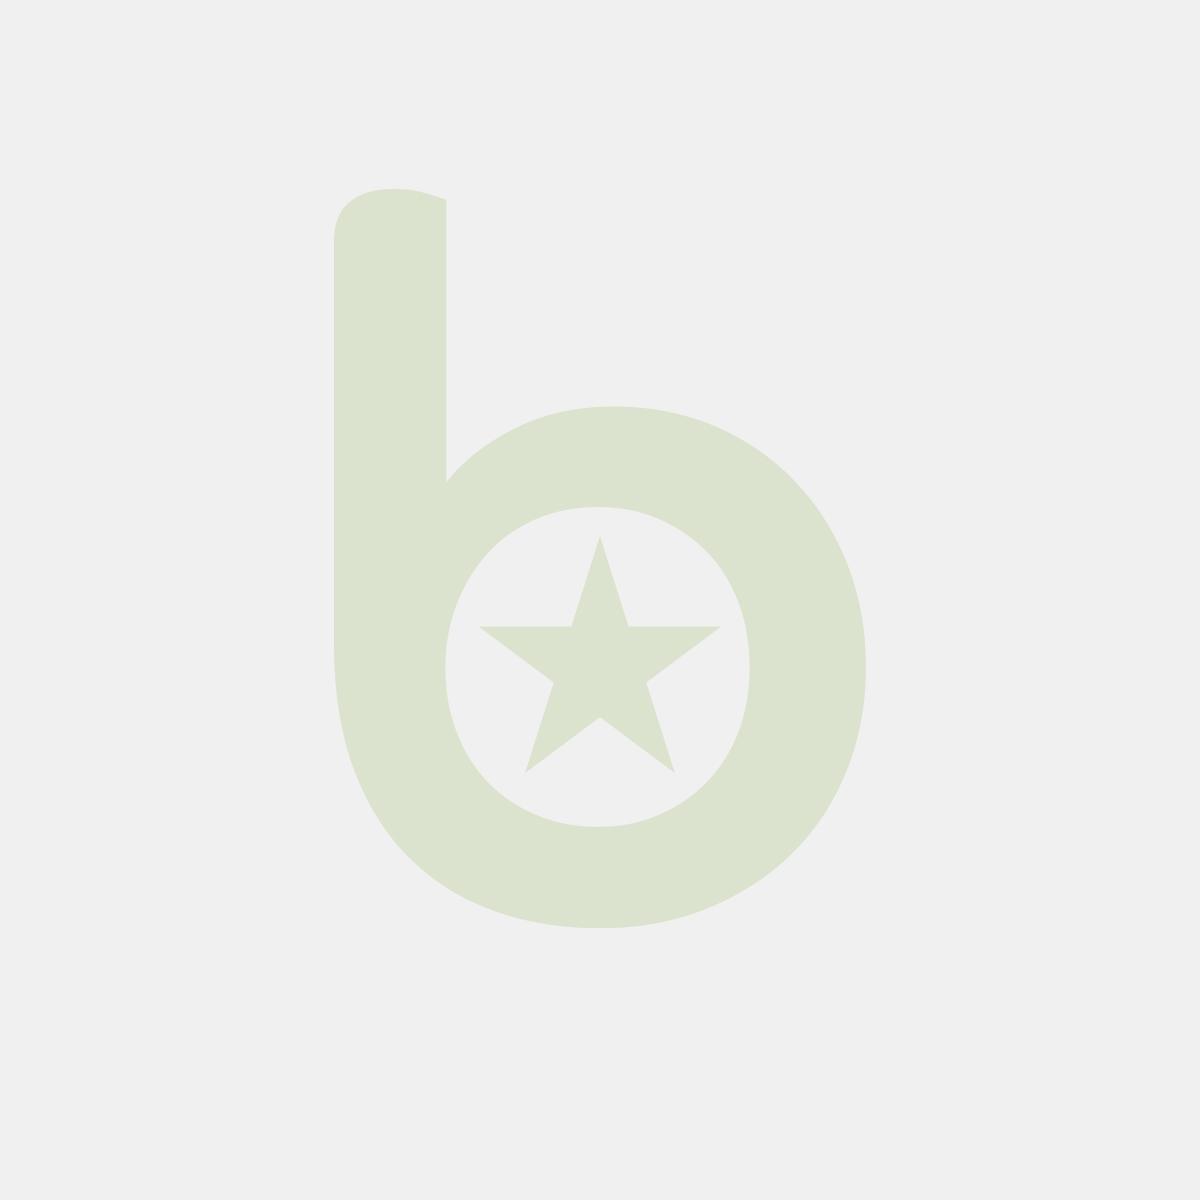 Gofrownica 2x gofry belgijskie - kod 212103